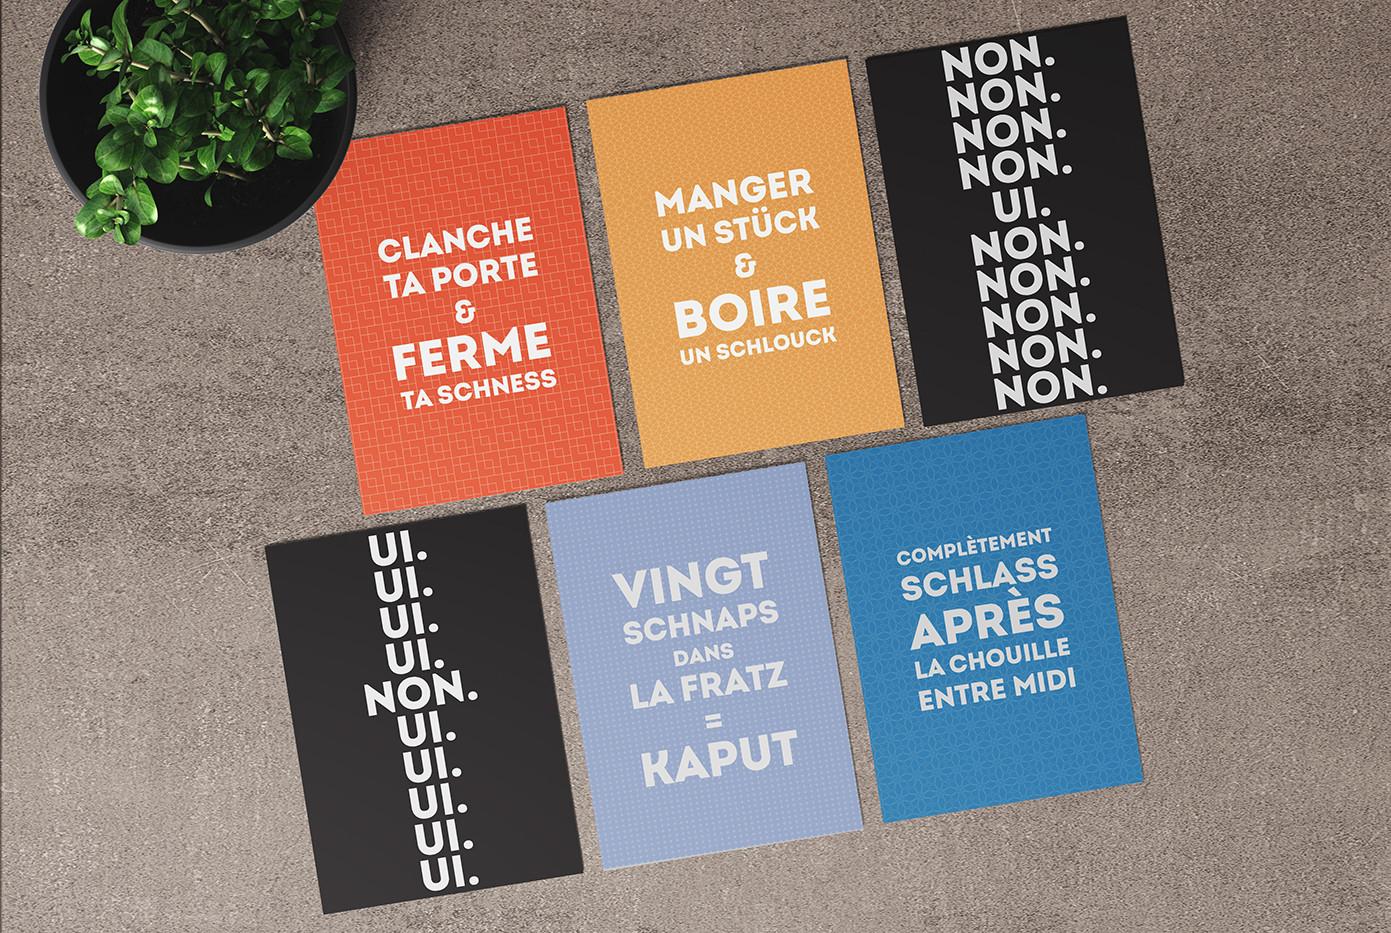 Voyage linguistique en Moselle